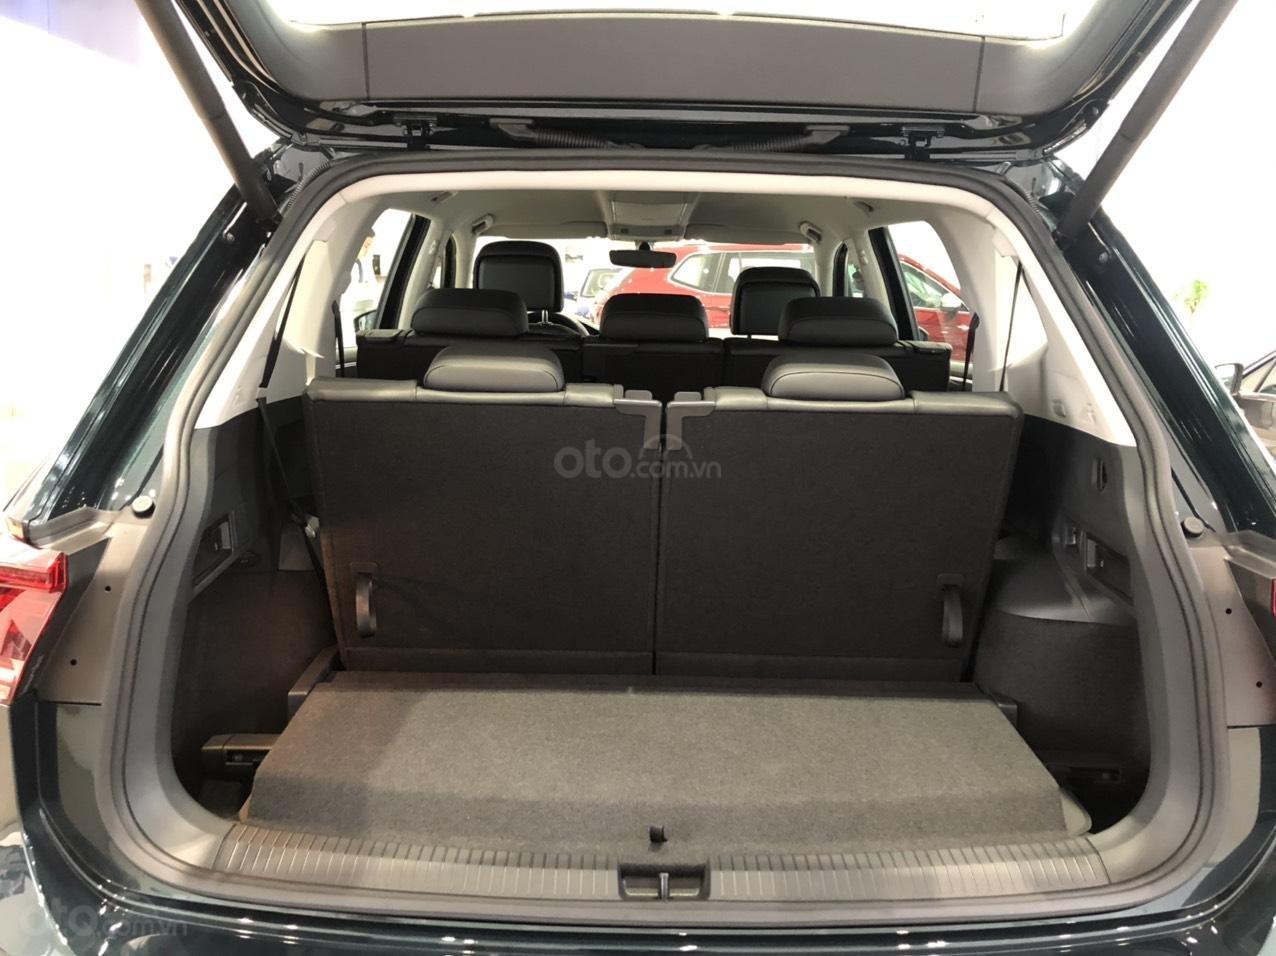 Volkswagen Tiguan Luxury S xanh rêu lạ mắt - xe Đức nhập khẩu 100% - giao ngay (14)